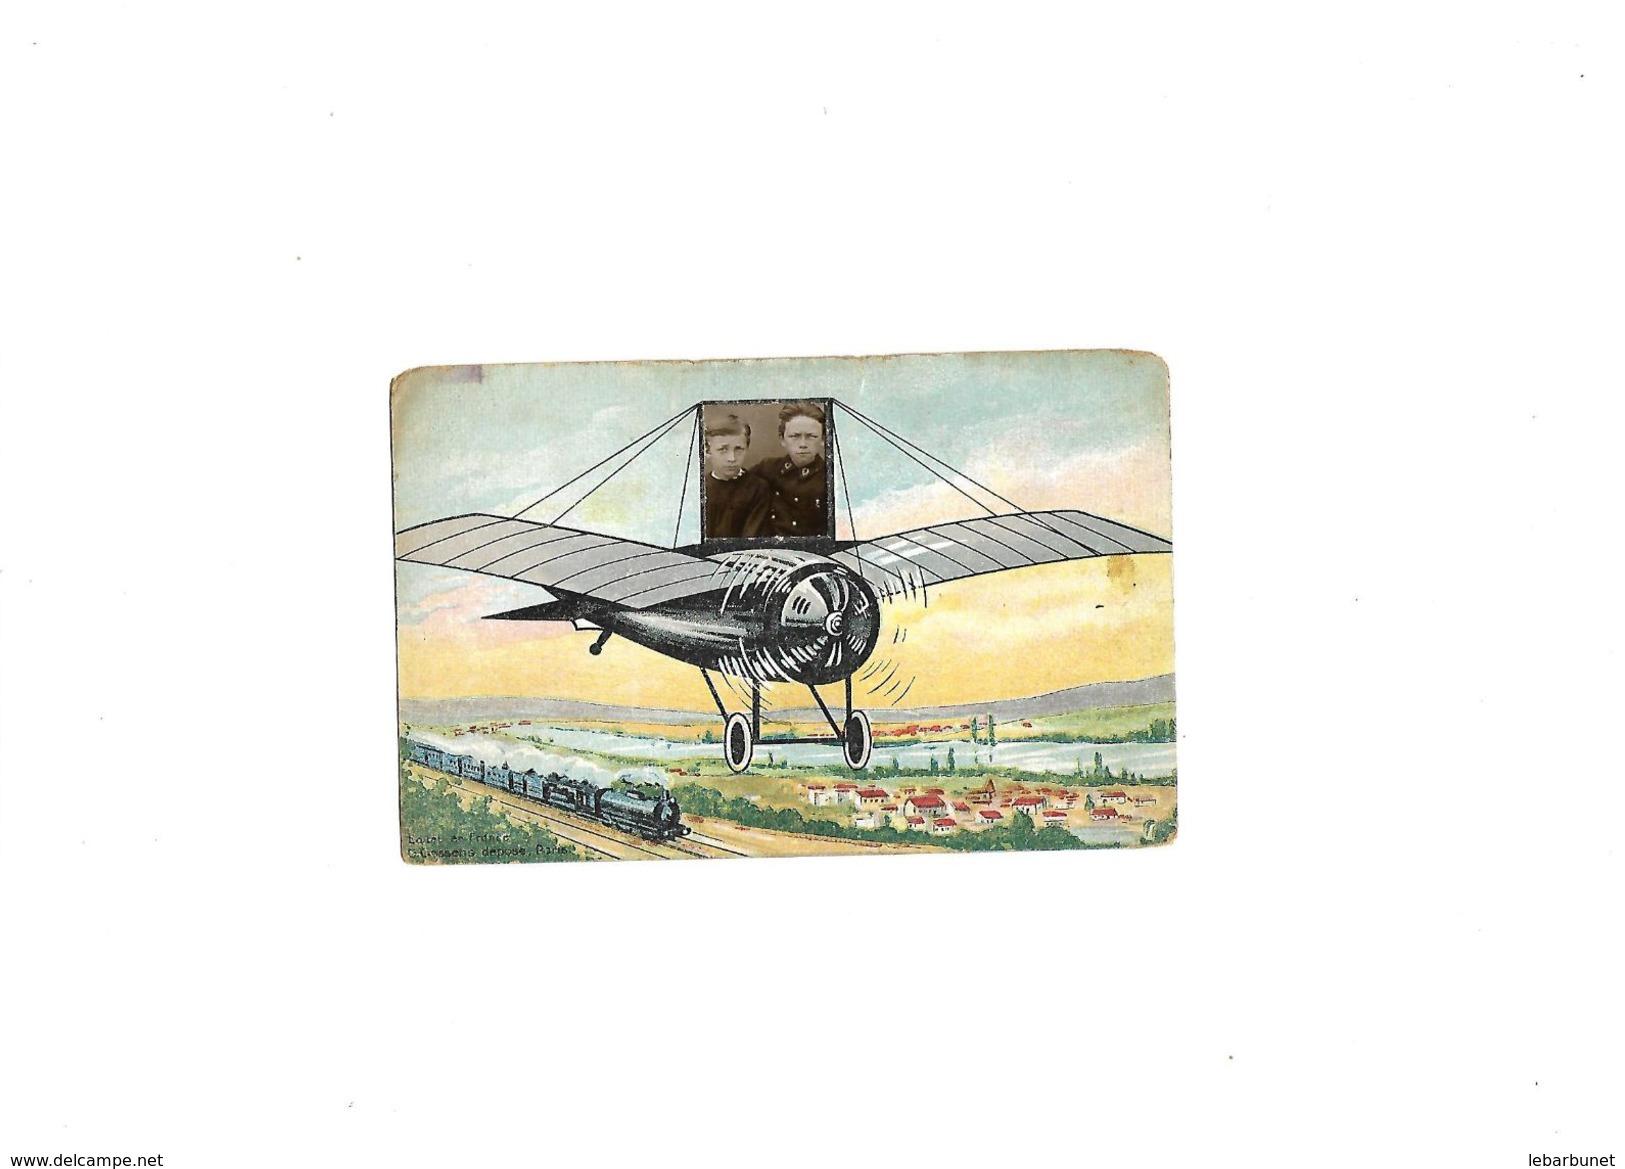 Carte Postale Ancienne Fantaisie Avion Avec Place Pour Mettre Photo - Autres